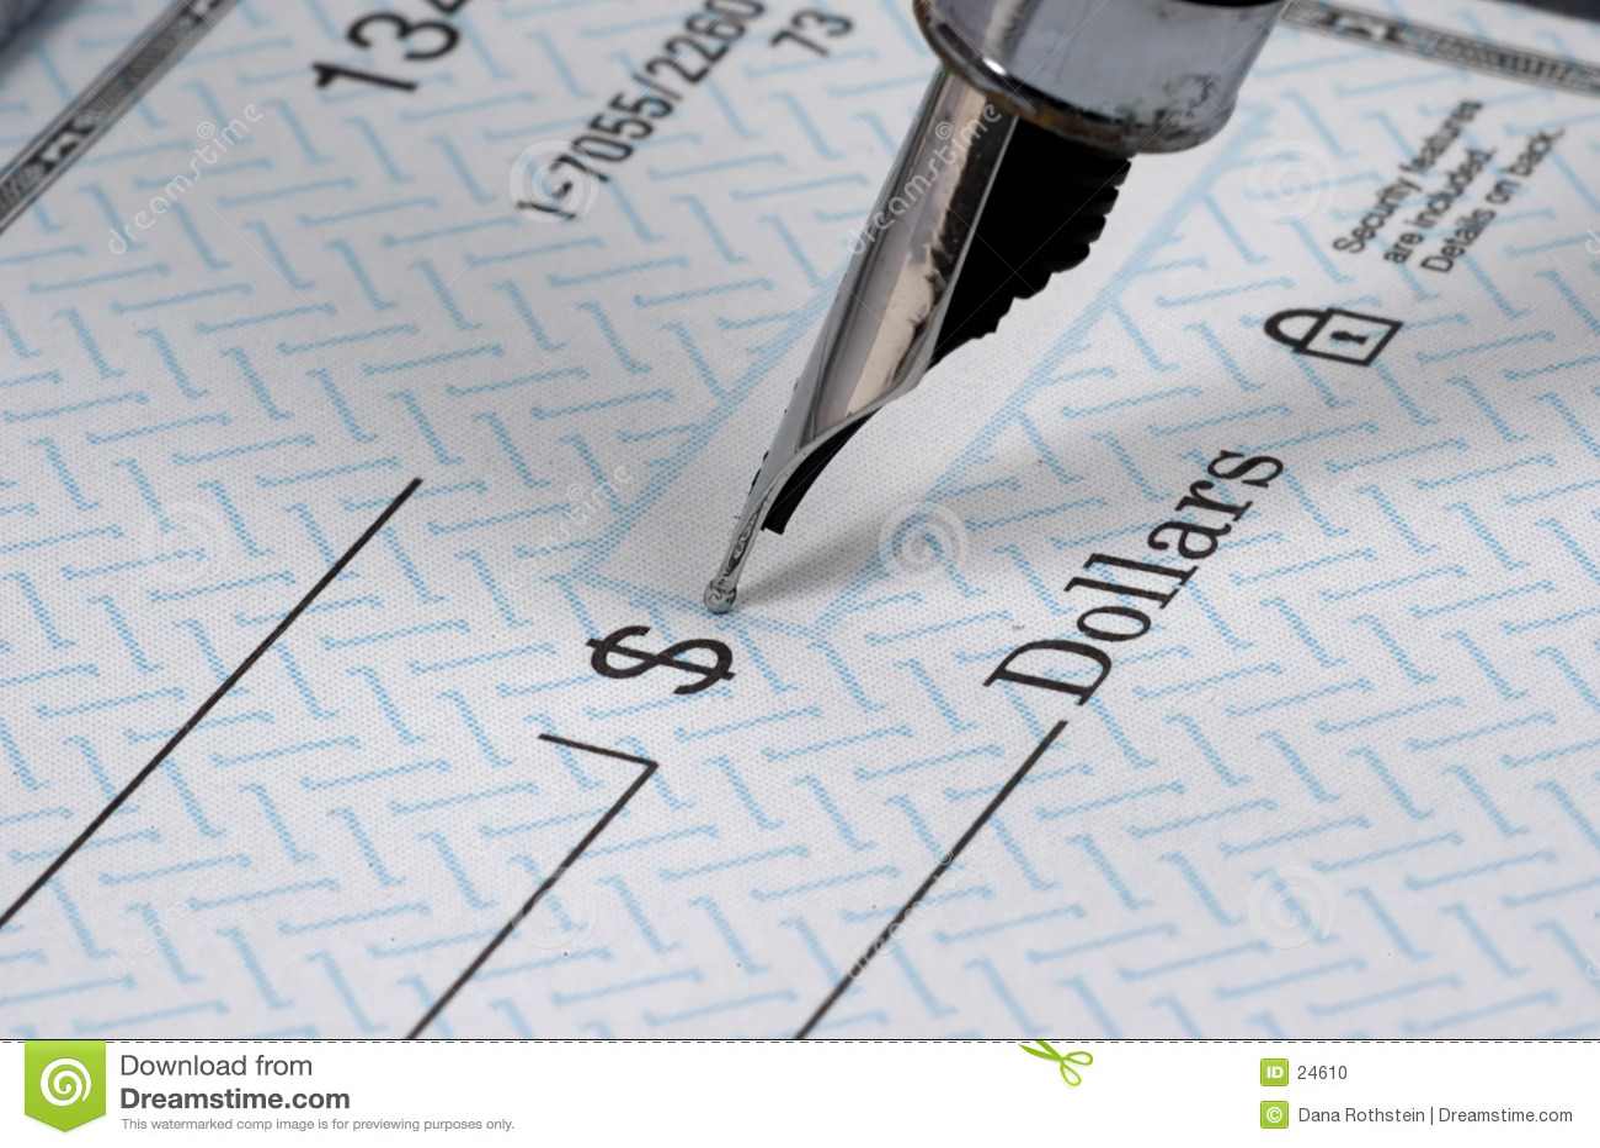 Personnalisation de chèques